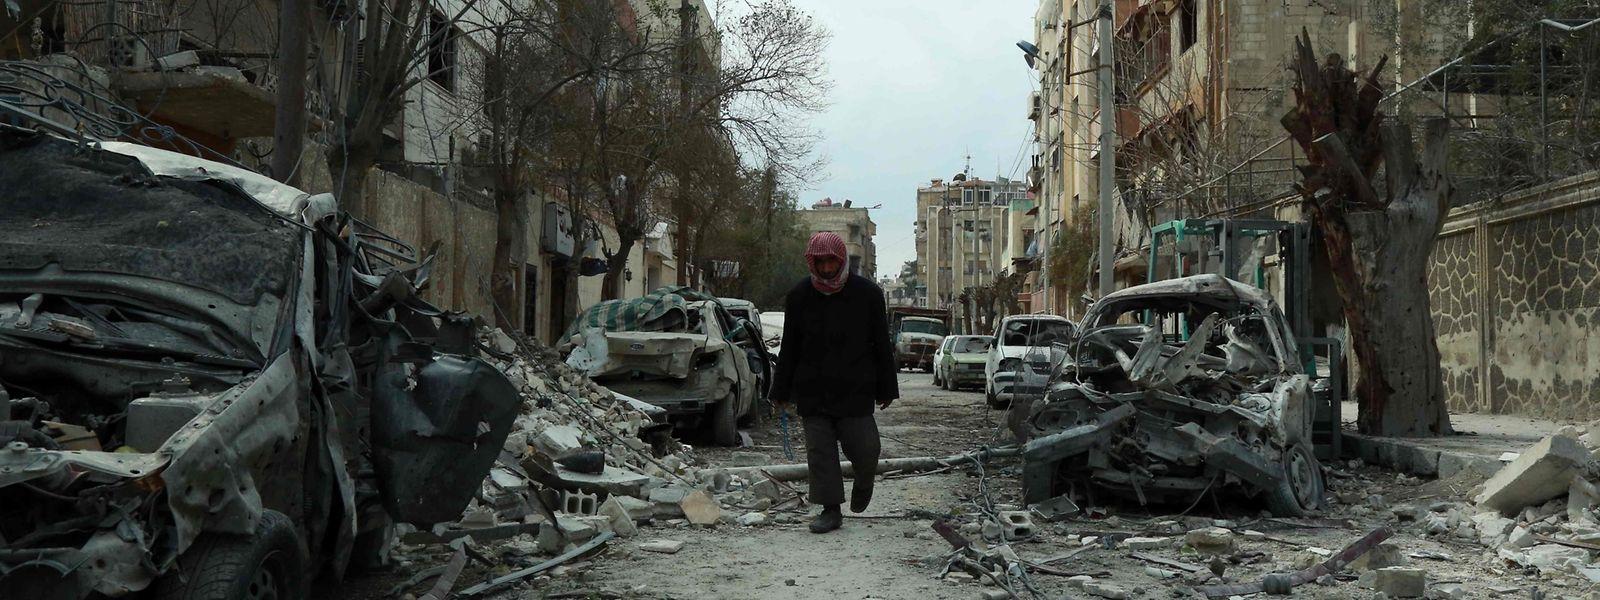 Trotz der Forderung des UN-Sicherheitsrats nach einer Waffenruhe gehen die Kämpfe in Syrien weiter.